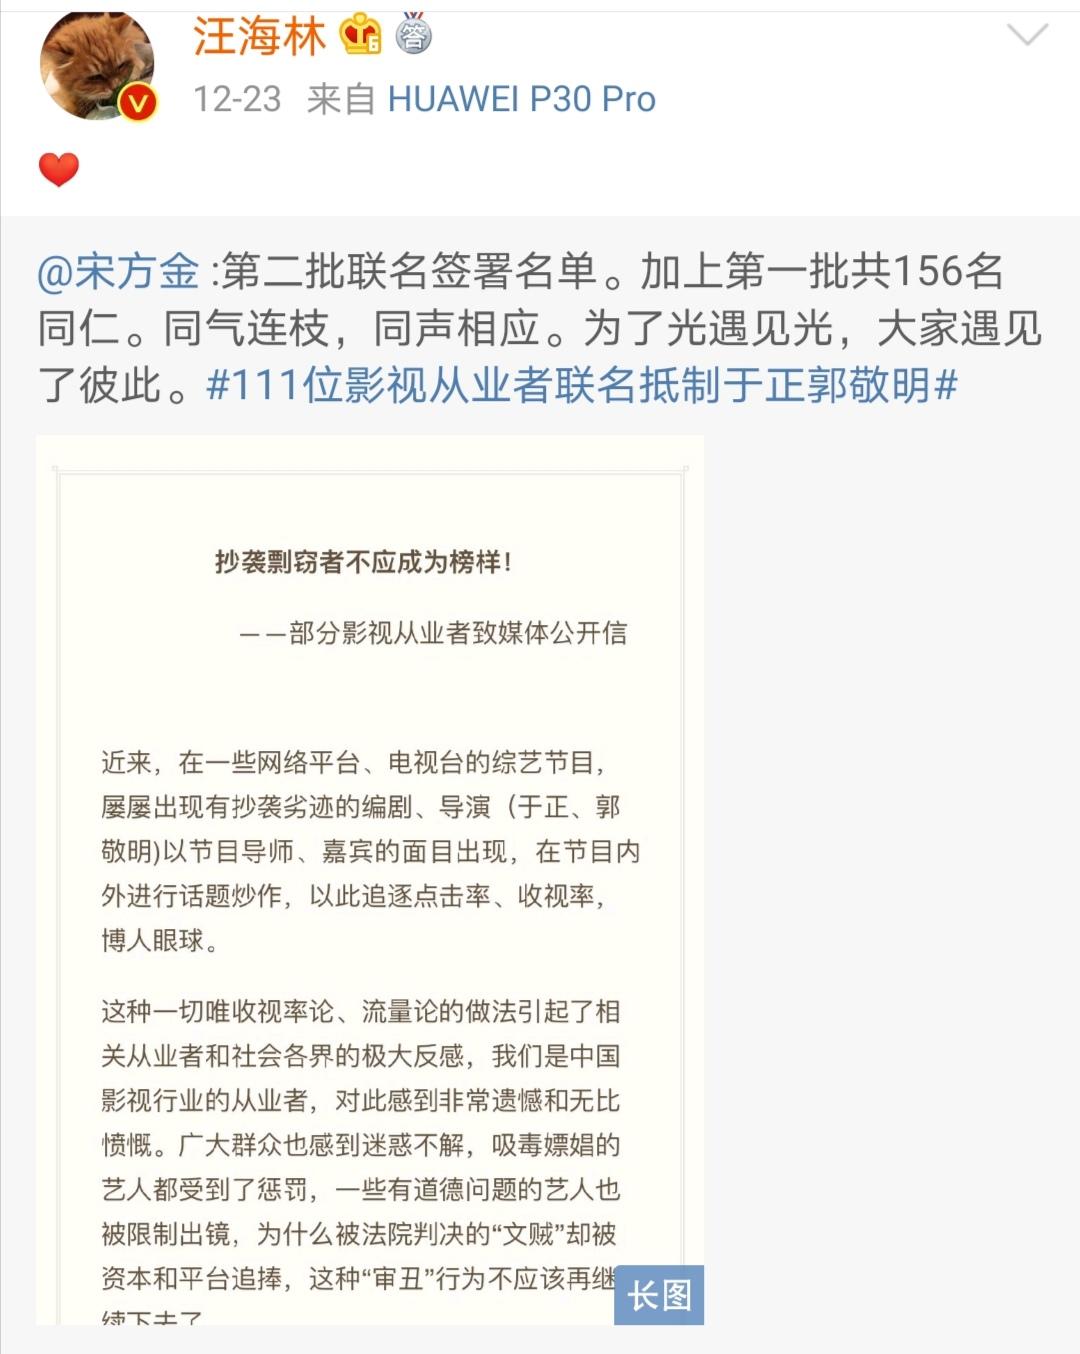 郭敬明深夜发700字长文道歉:对不起,我做了不好的示范!